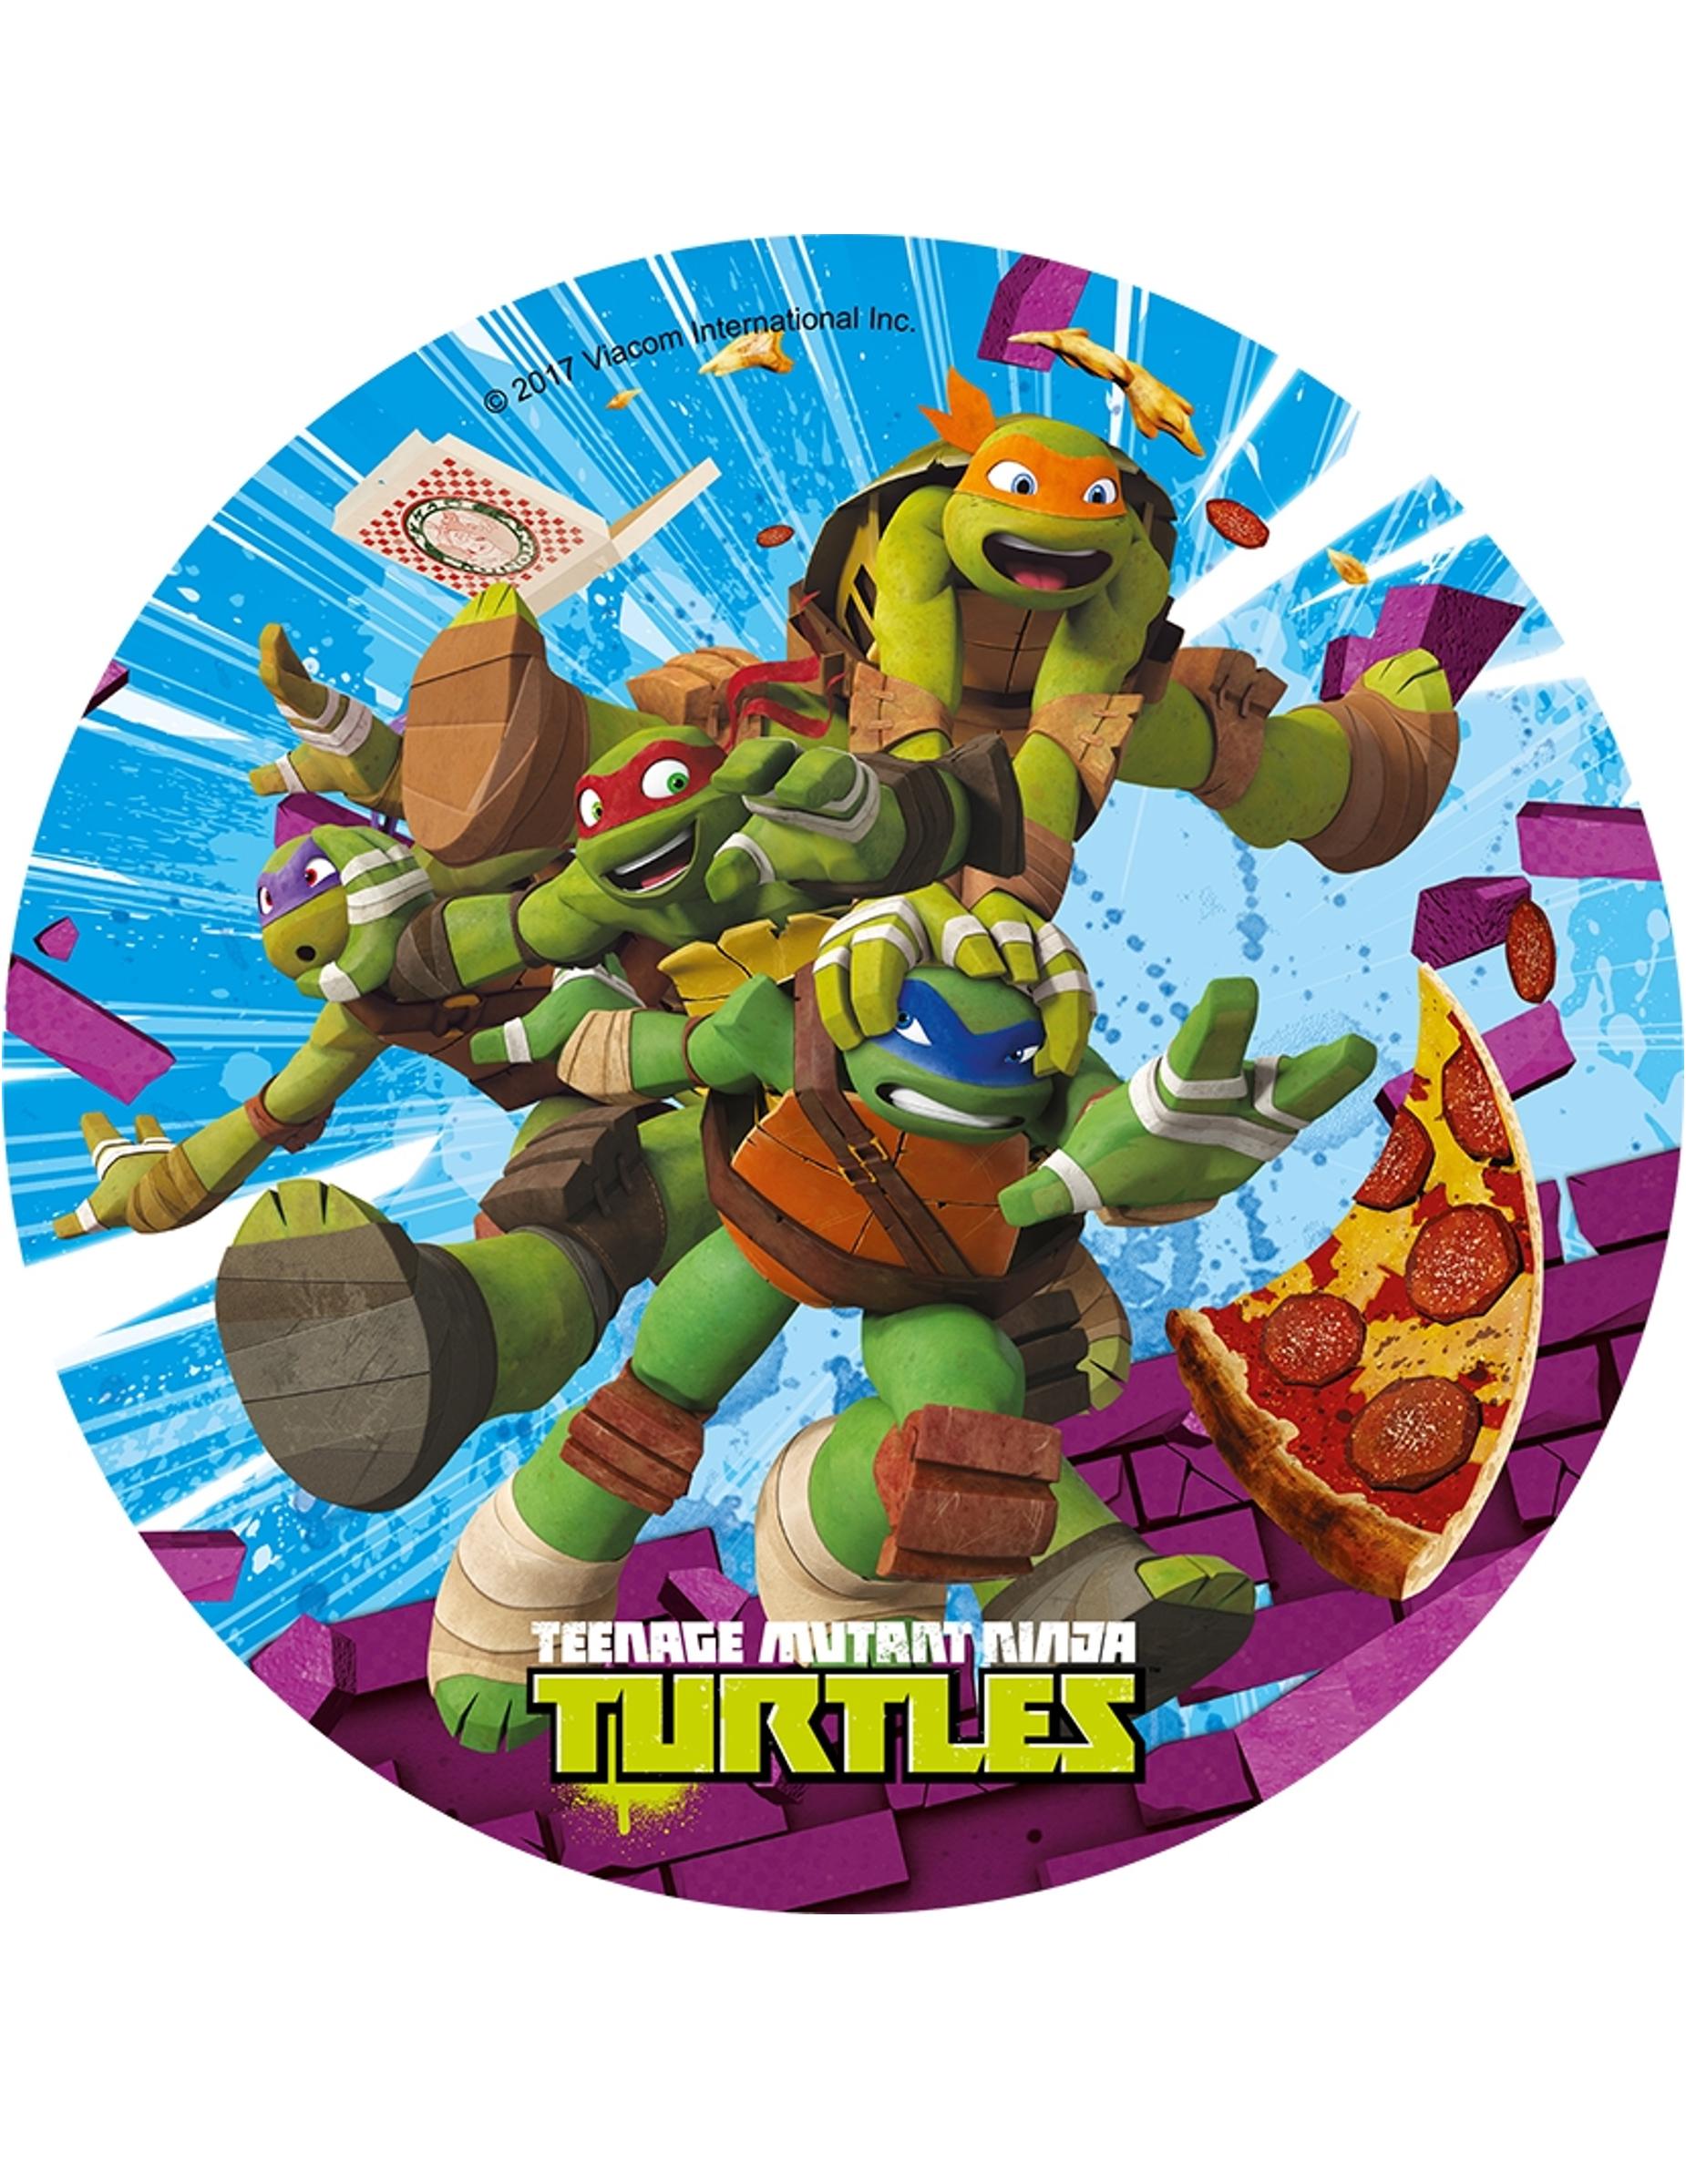 Disque en azyme les tortues ninja 21 cm al atoire d coration anniversaire et f tes th me - Image de tortue ninja ...